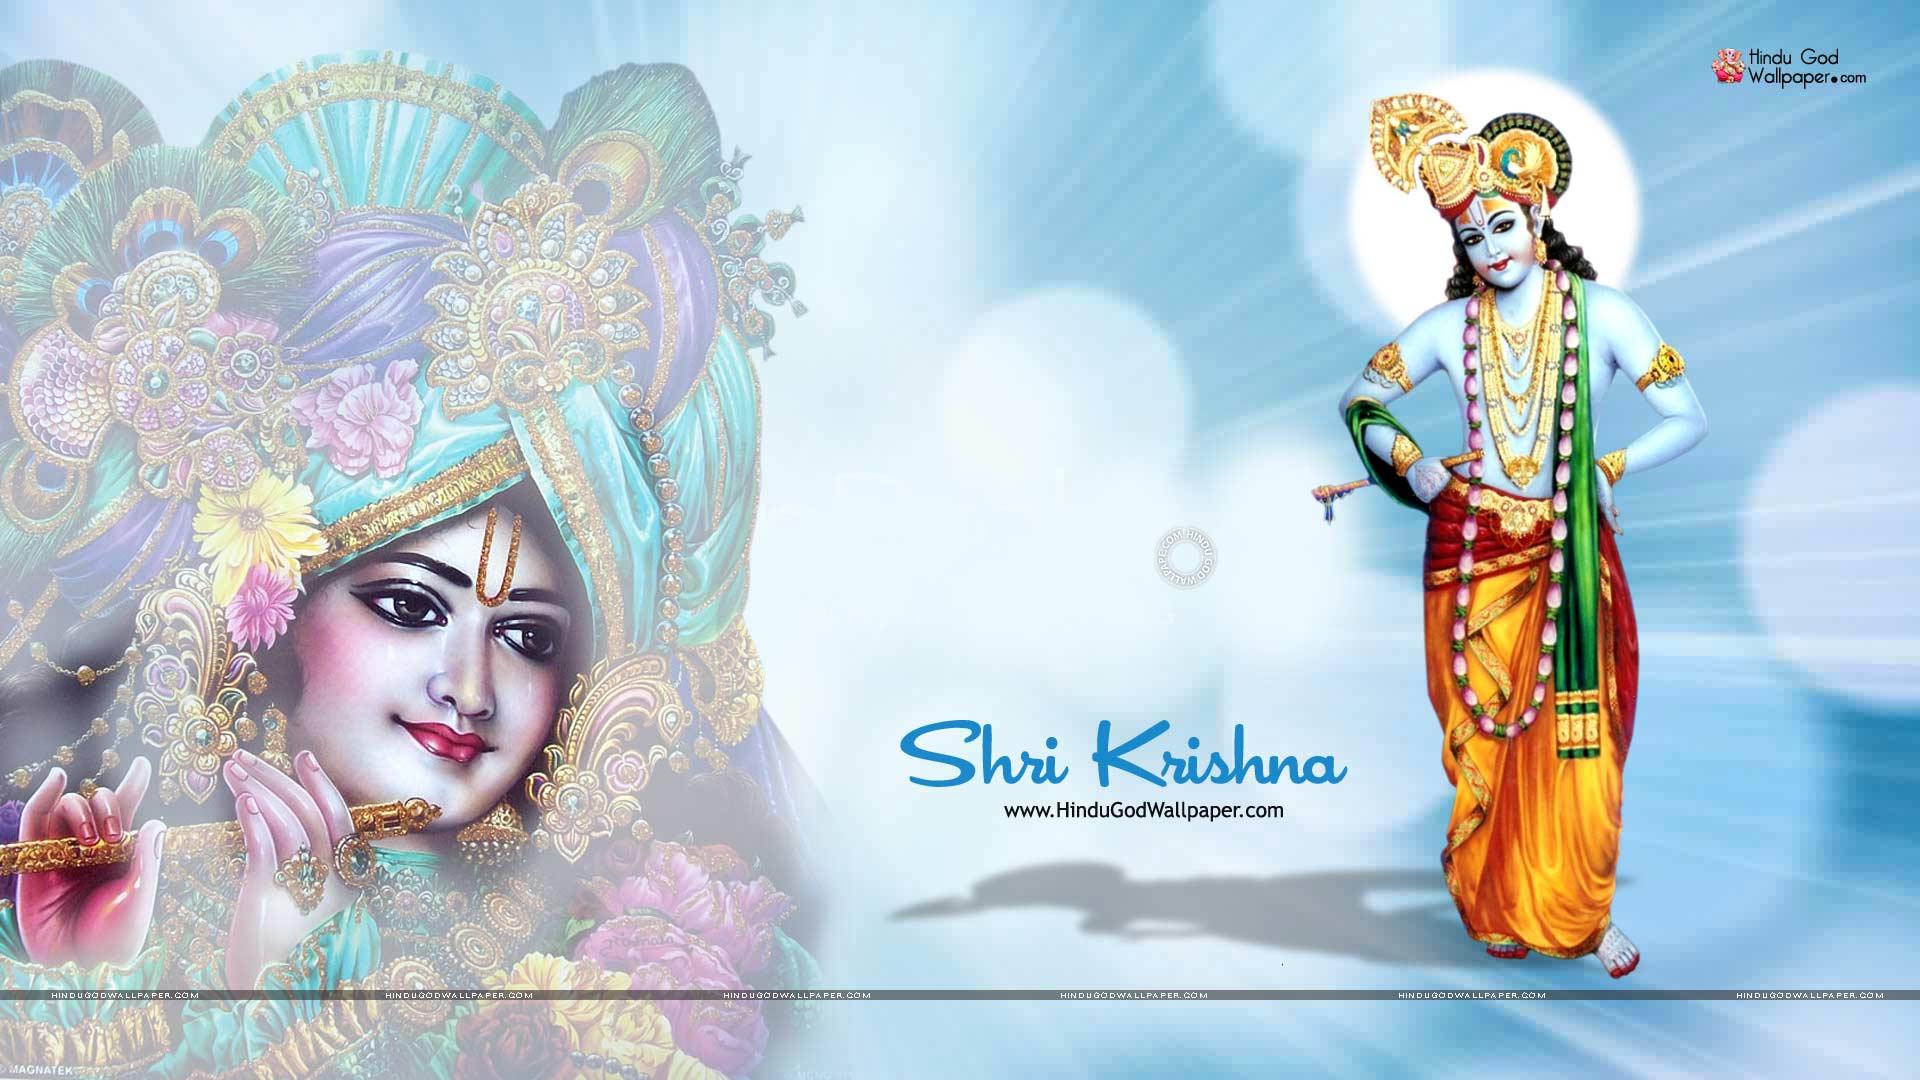 1920x1080 lord krishna hd wallpapers full size free download